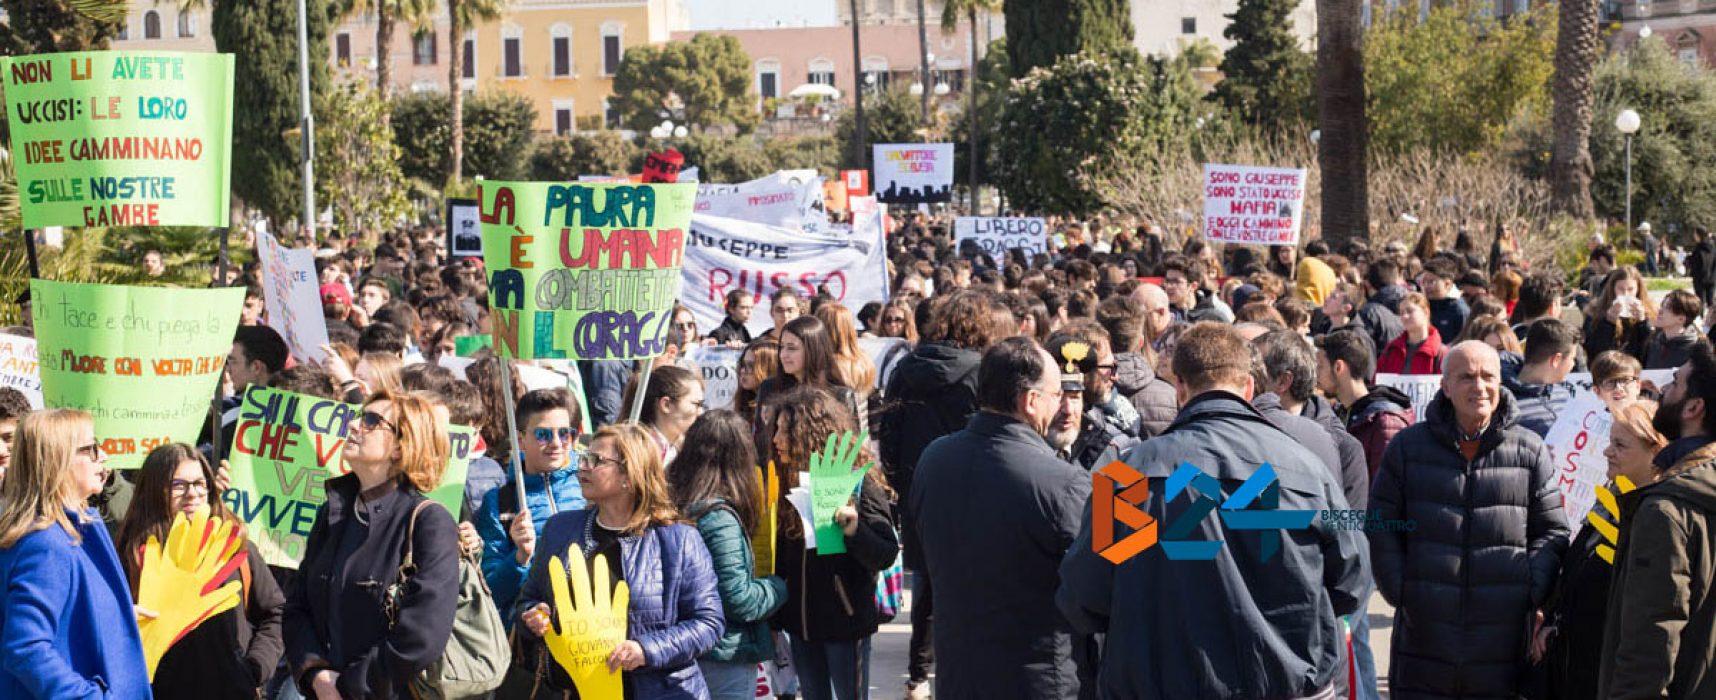 Giornata delle vittime delle mafie, in migliaia in piazza / FOTO